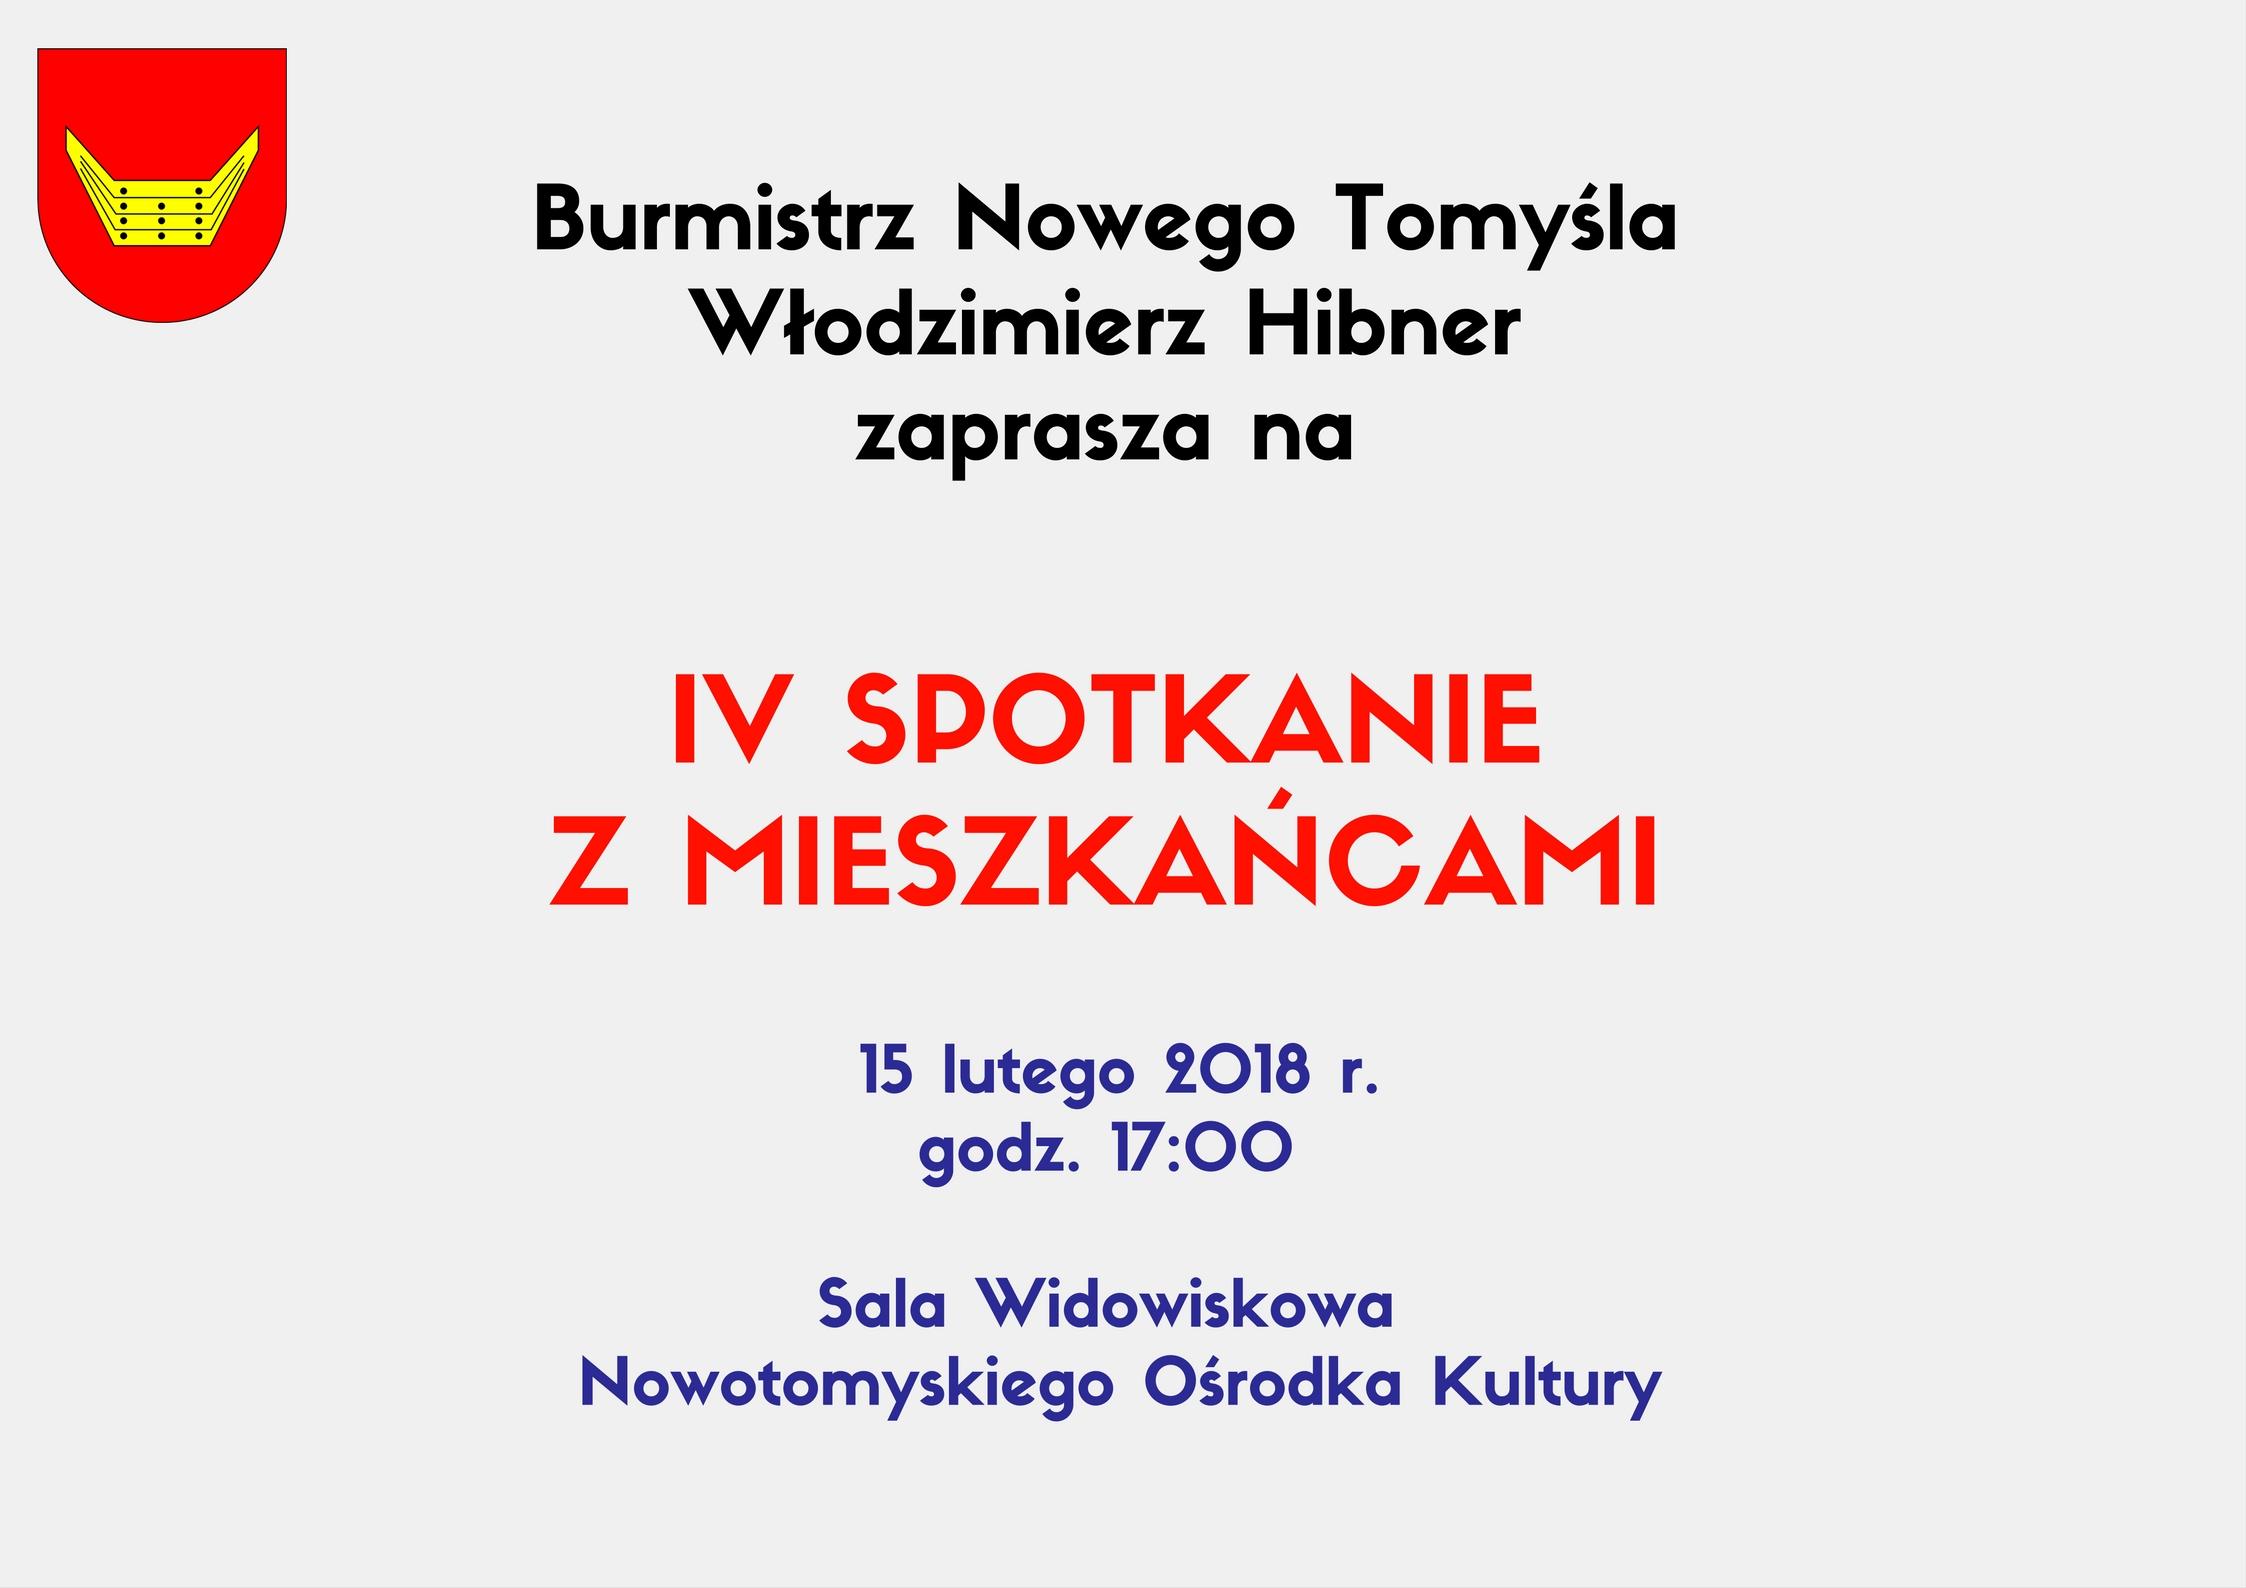 Spotkanie Burmistrza z mieszkańcami Nowego Tomyśla